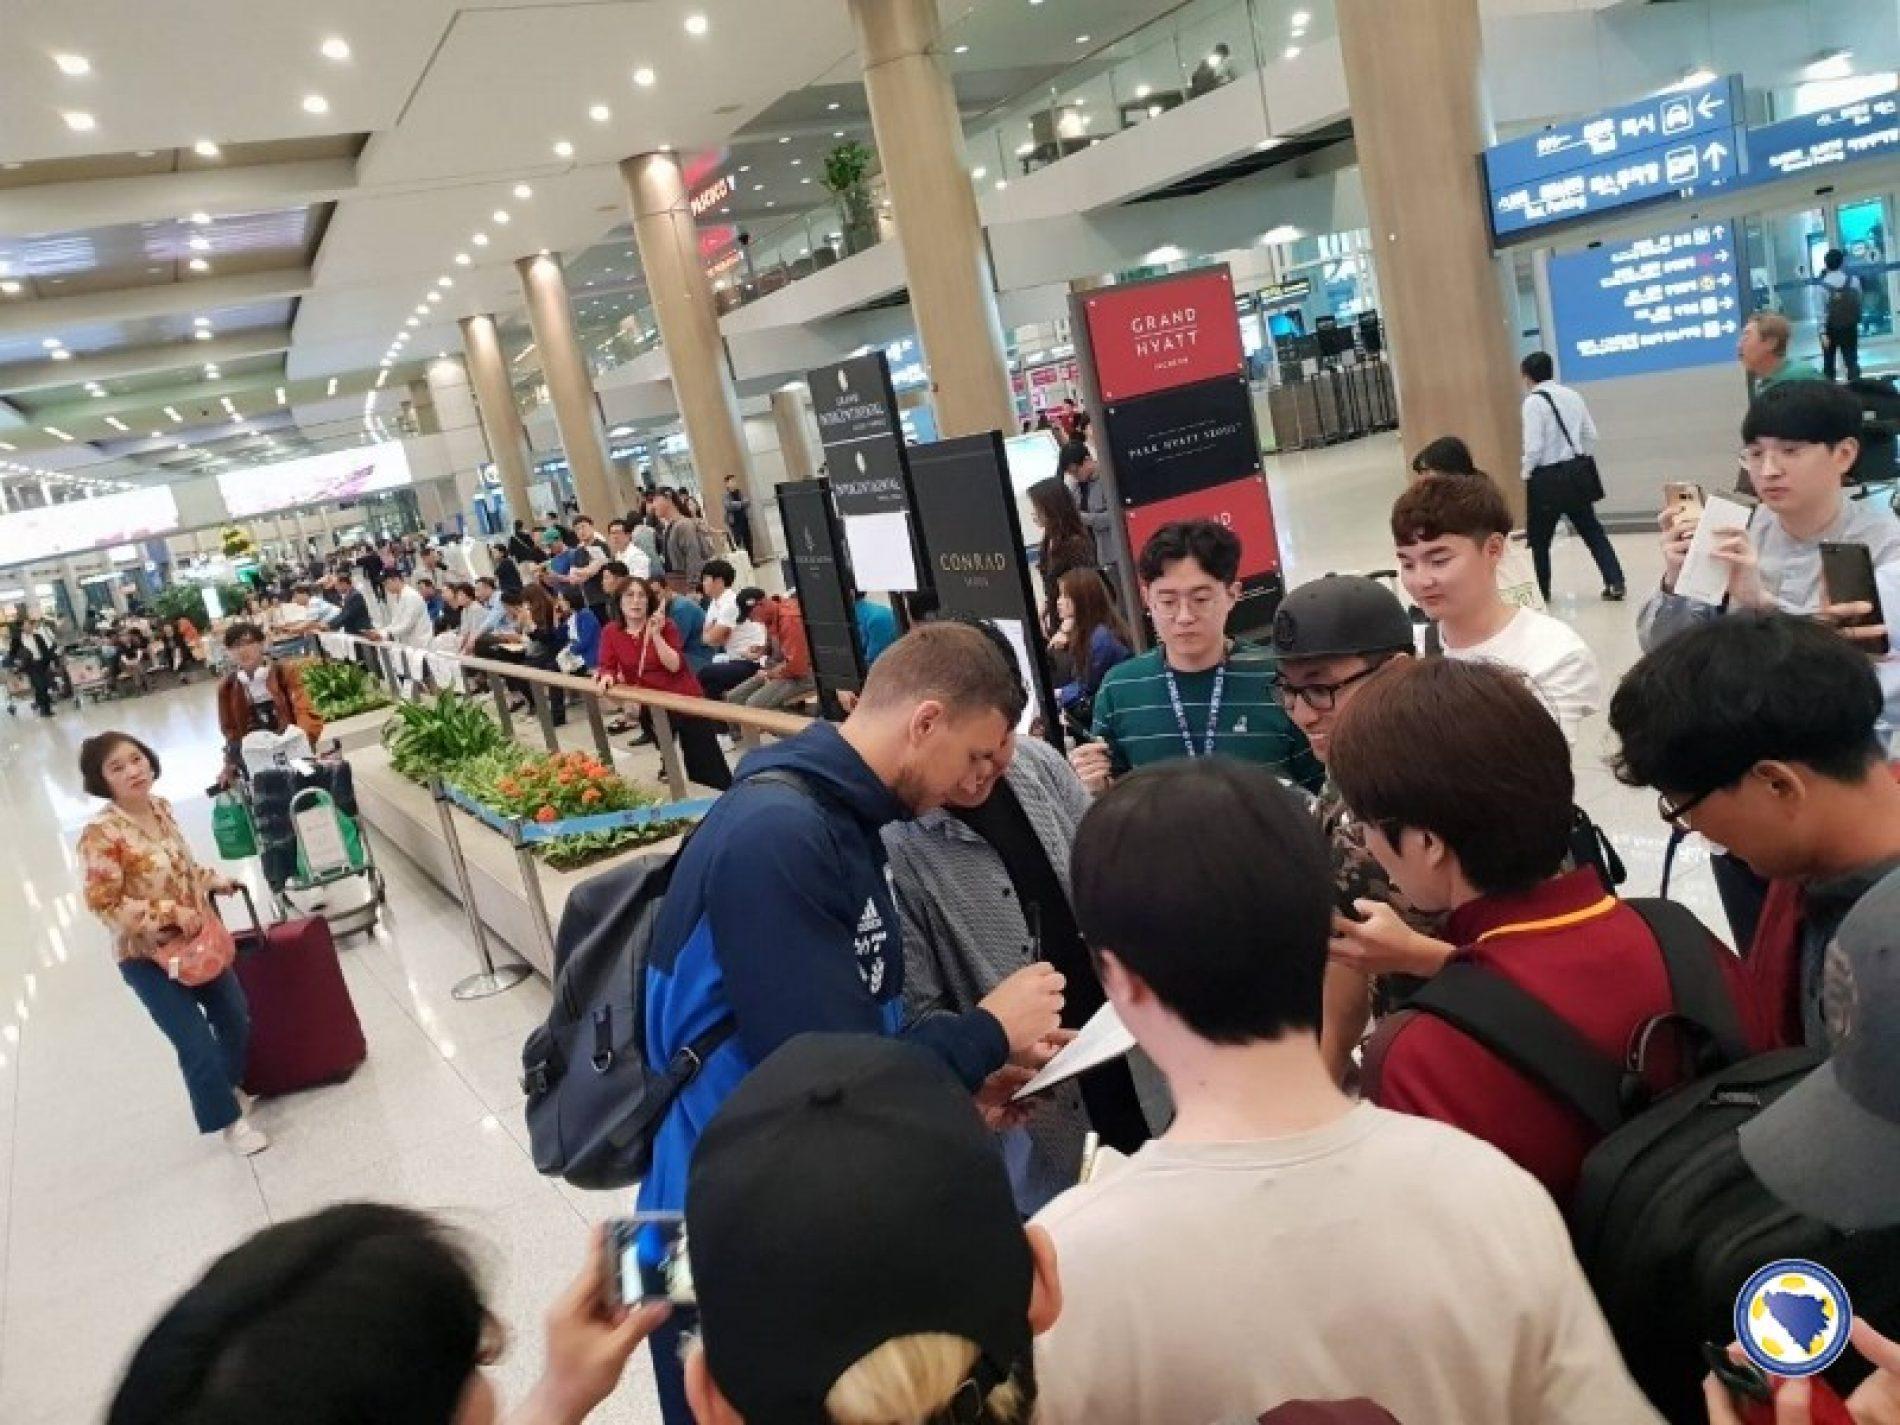 Reprezentativci Bosne i Hercegovine doputovali u Južnu Koreju: Džeko i Pjanić privukli pažnju domaćina